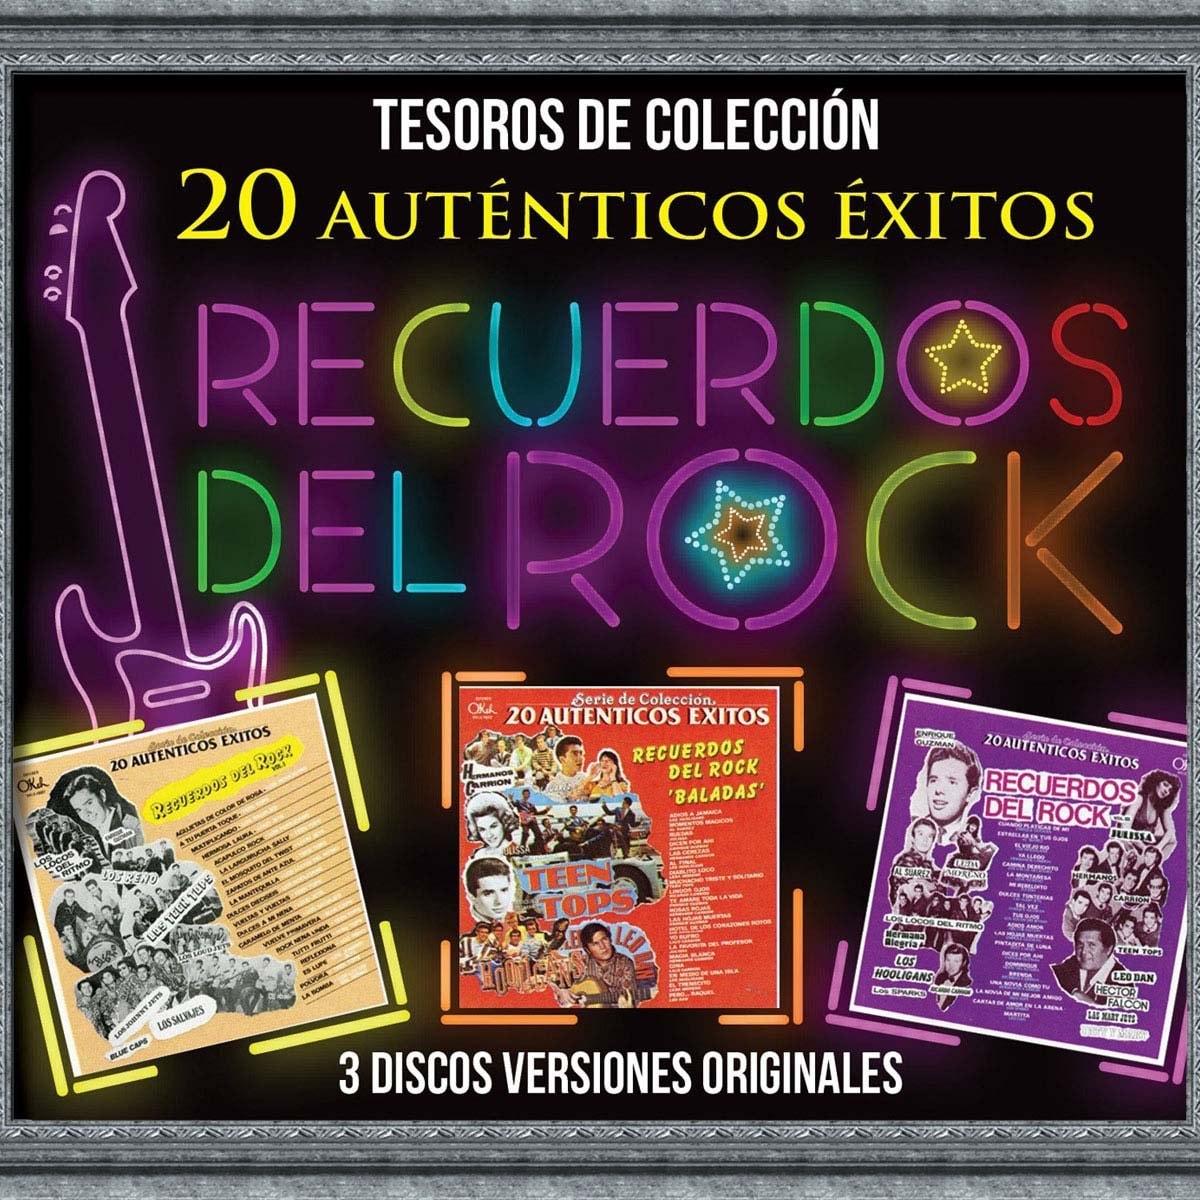 3 Cds 20 Autenticos Exitos Recuerdos Del Rock